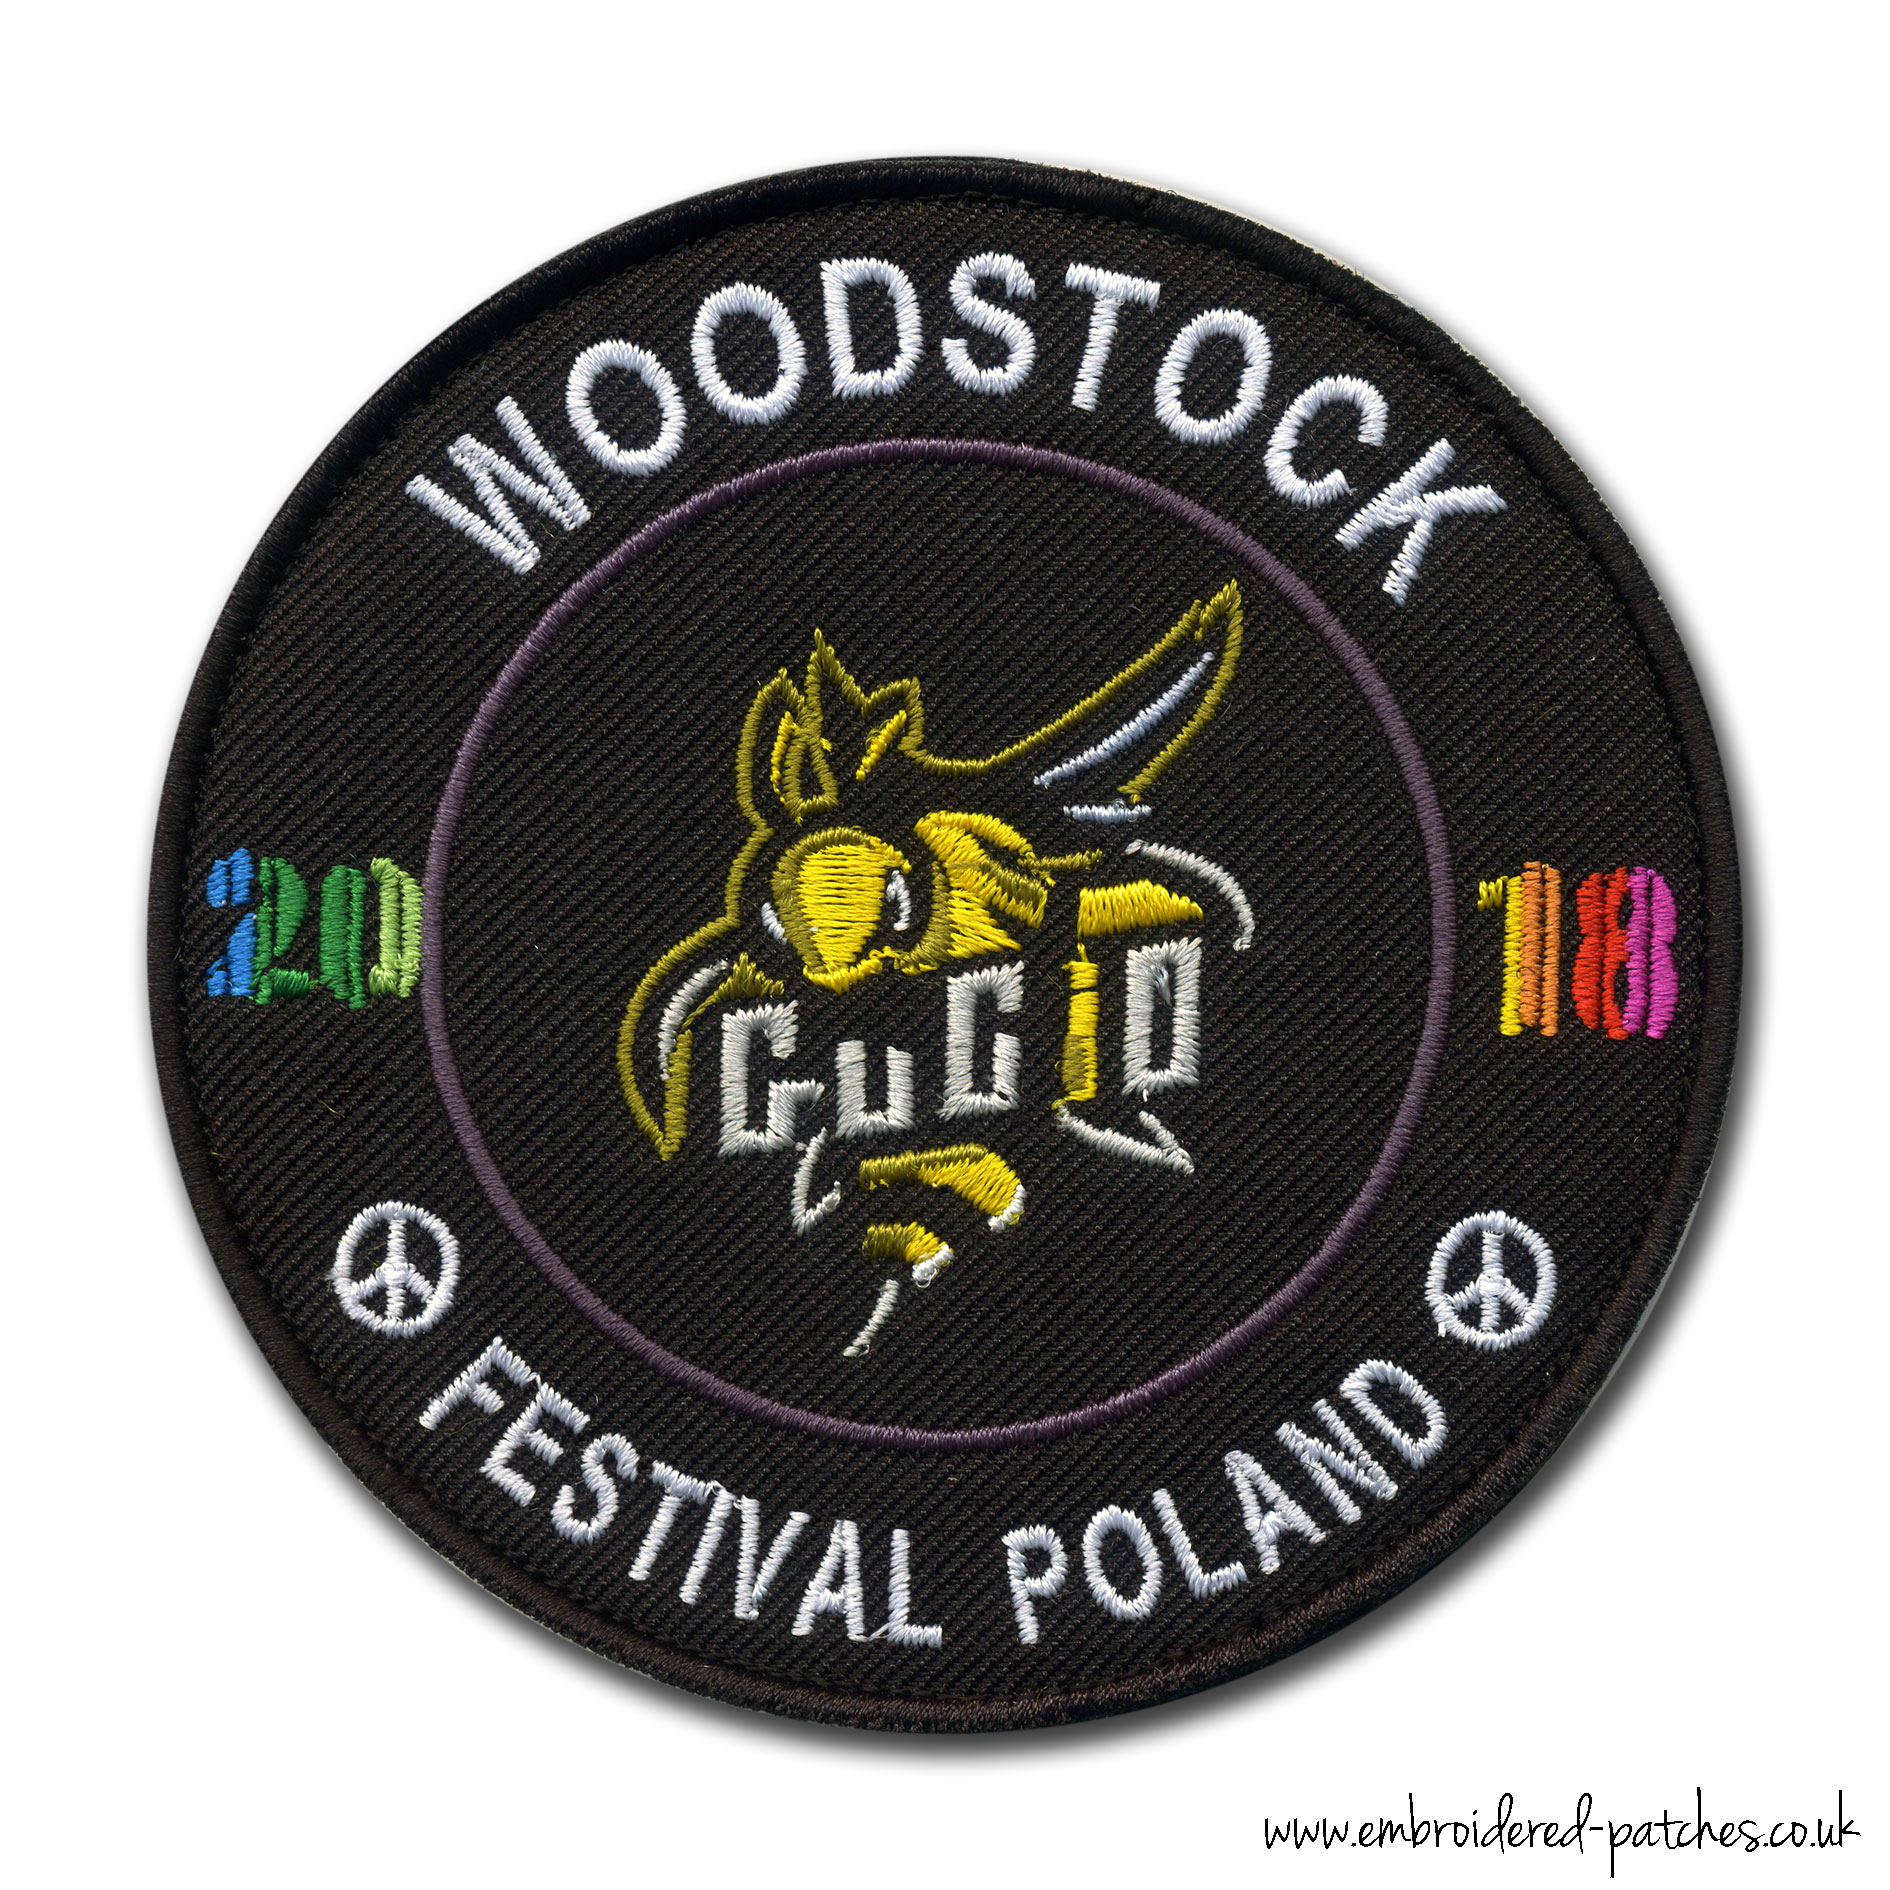 Woodstock – Festival Poland 2018